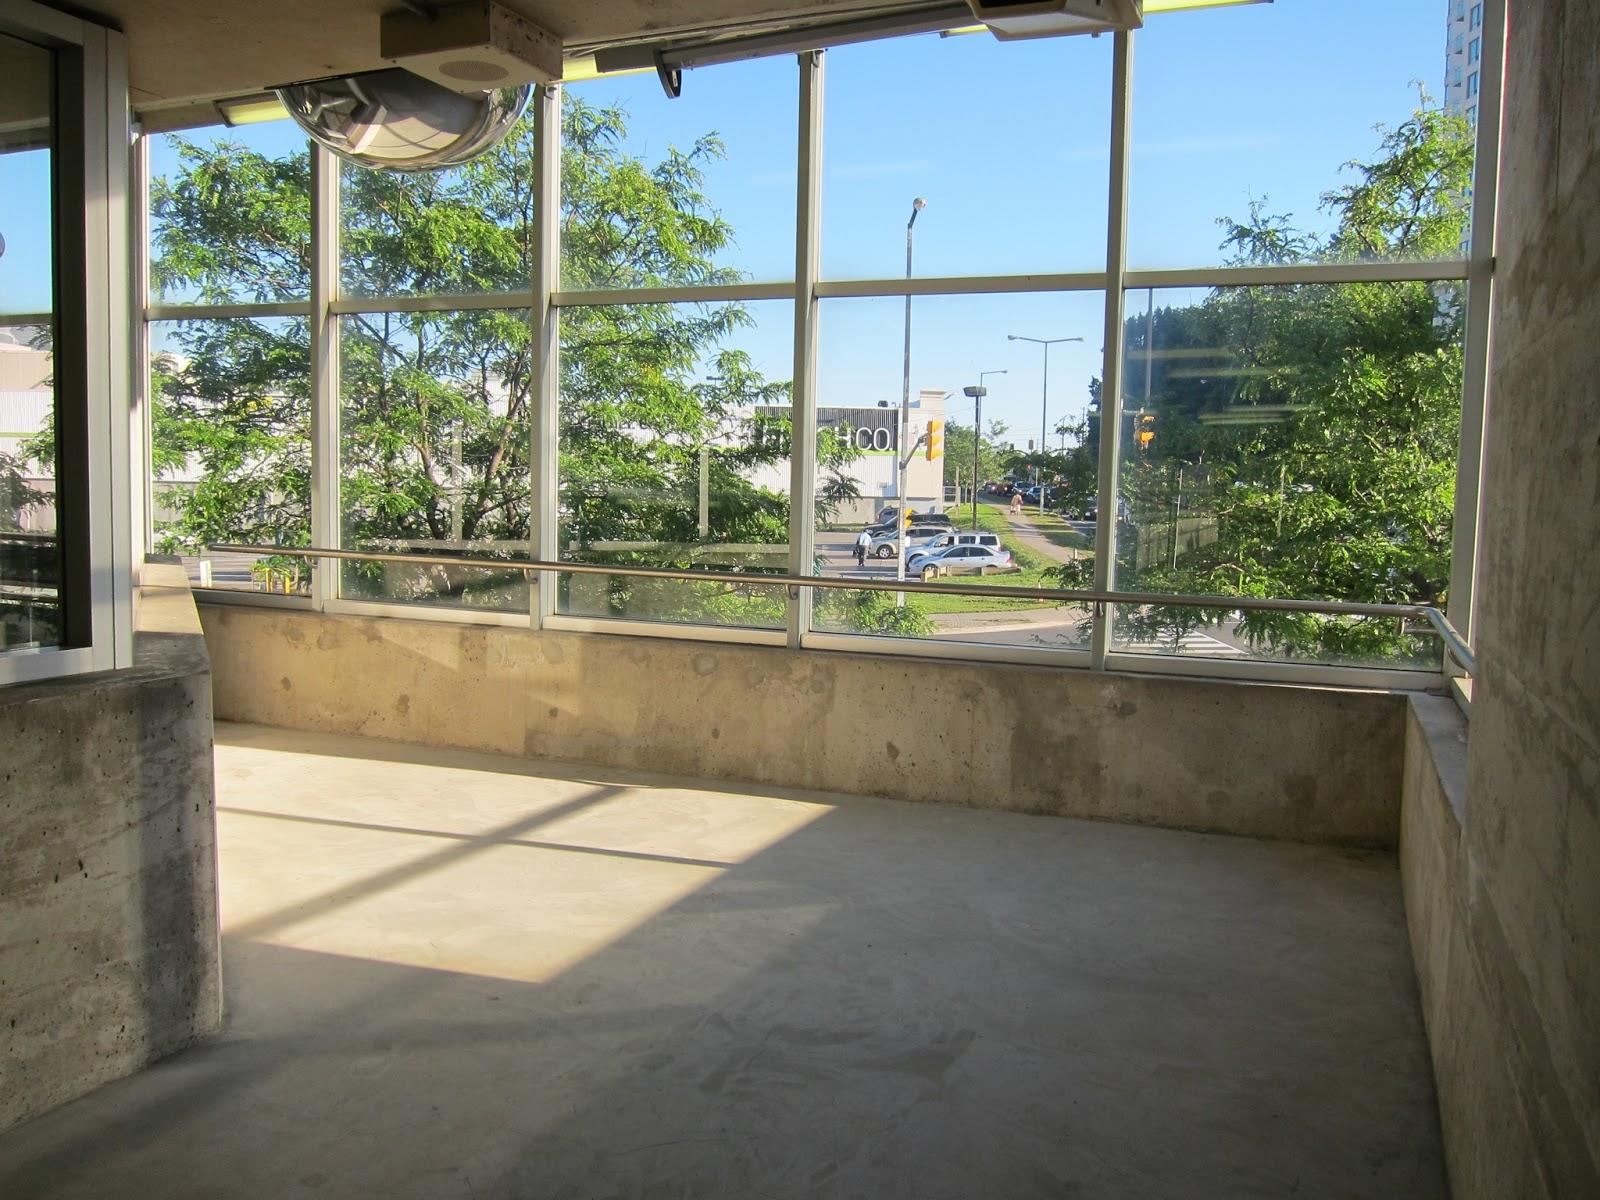 Interior waiting space at McCowan